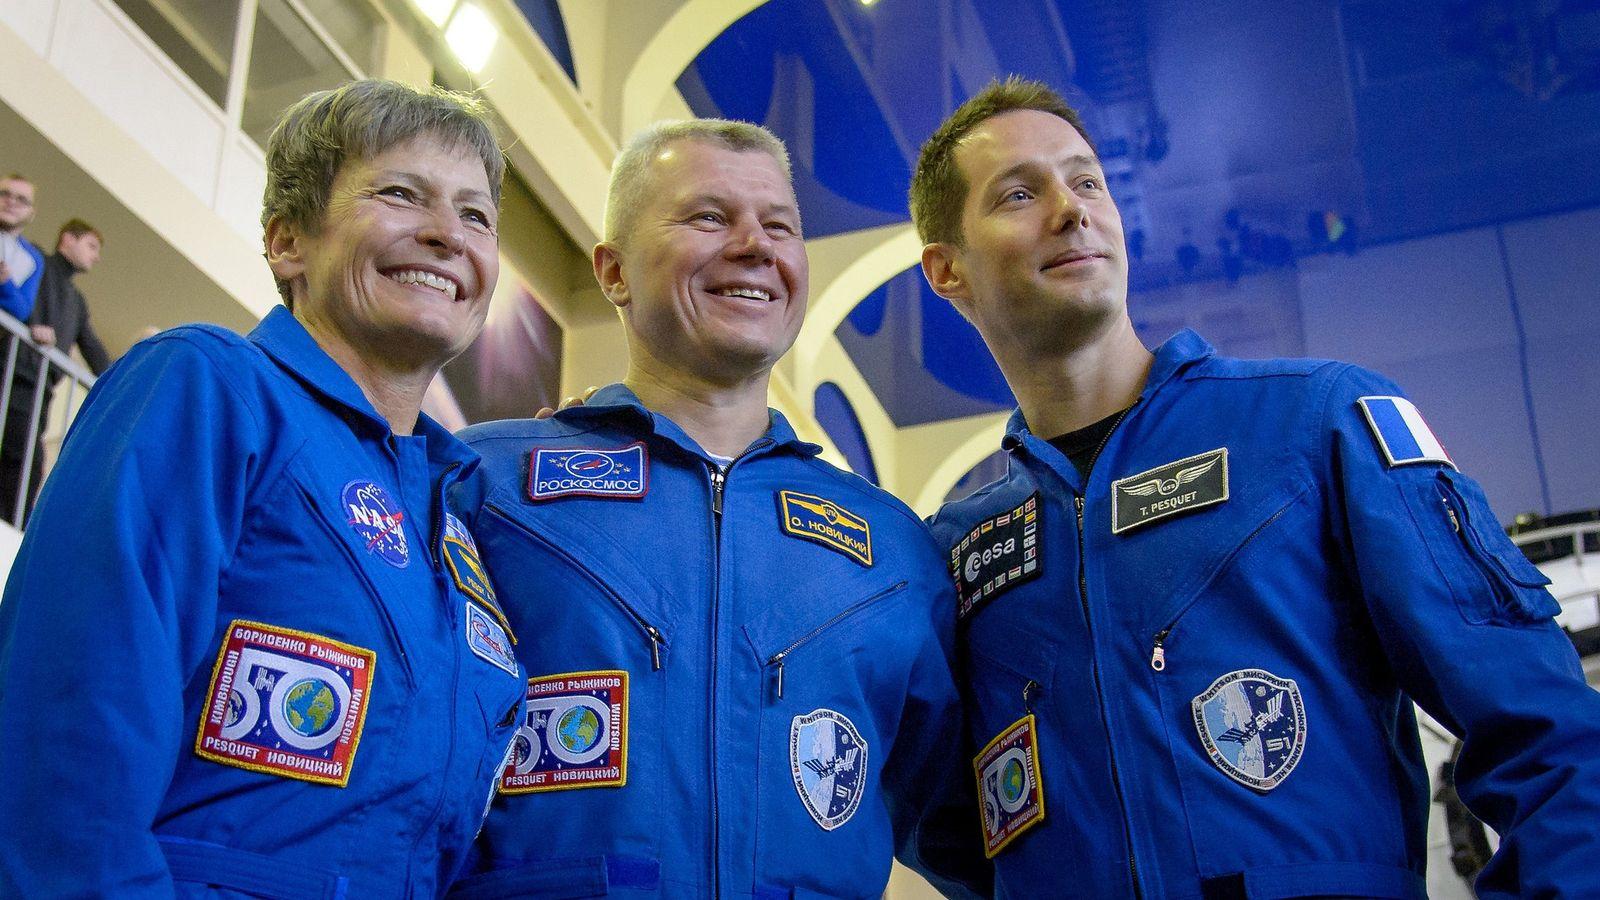 01_peggy_whitson_astronaut_nasa